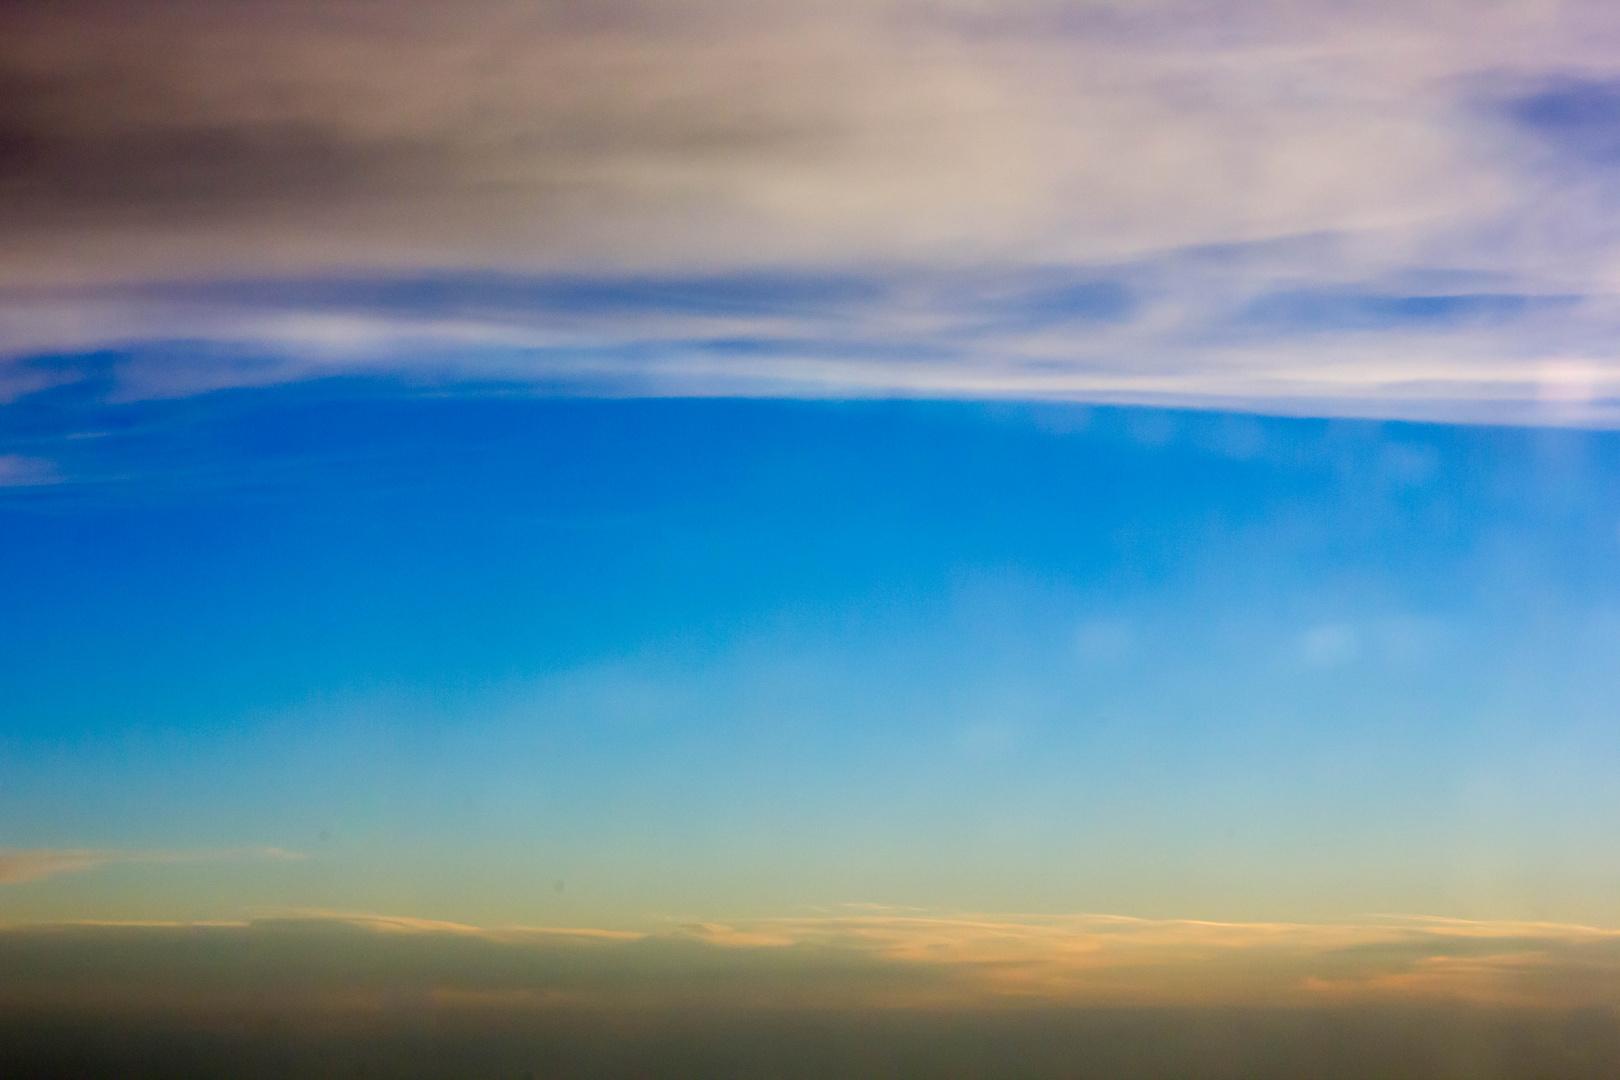 Himmel mit Wolken oben und unten